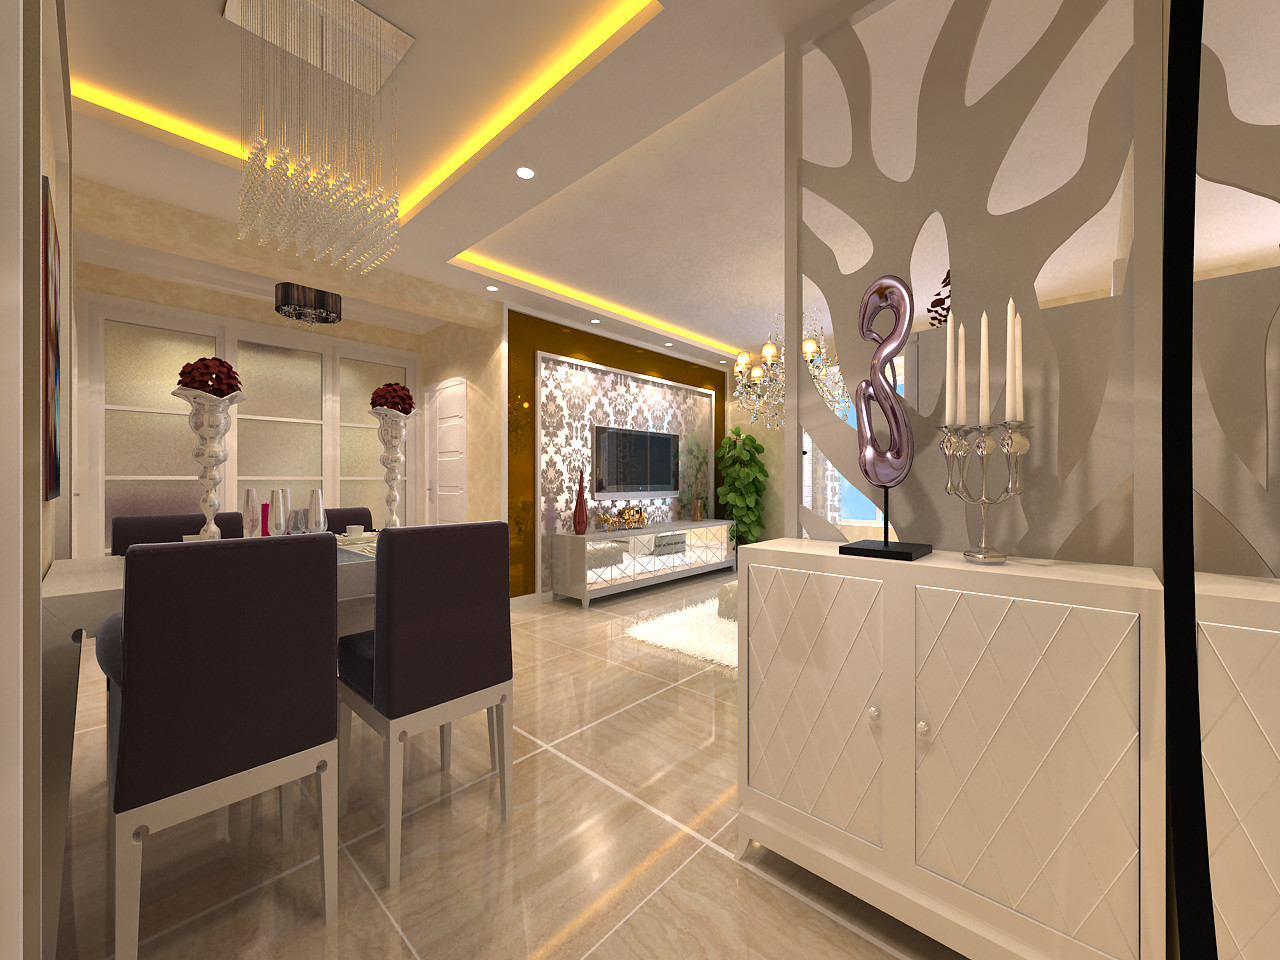 百家装饰 龙湖紫都城 环保装修 卫生间效果 餐厅图片来自张竟月在龙湖紫都城88平现代风格的分享